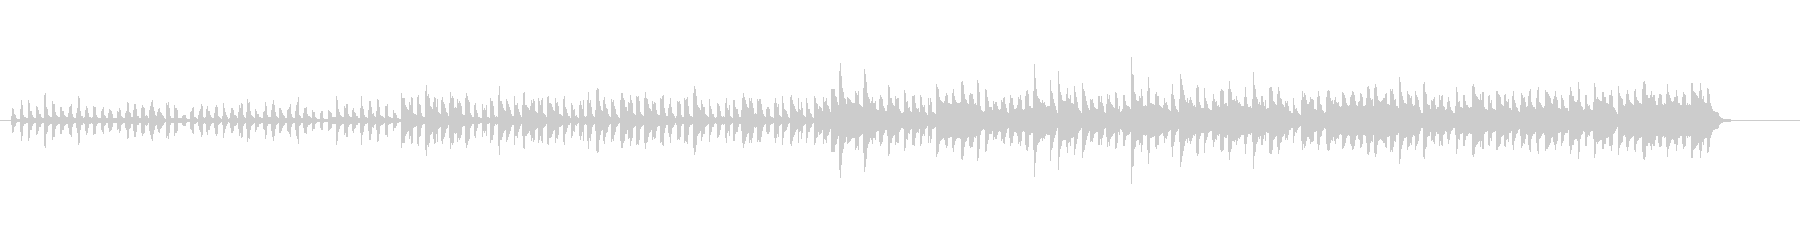 ヨーロピアン・スロー・ワルツの未再生の波形